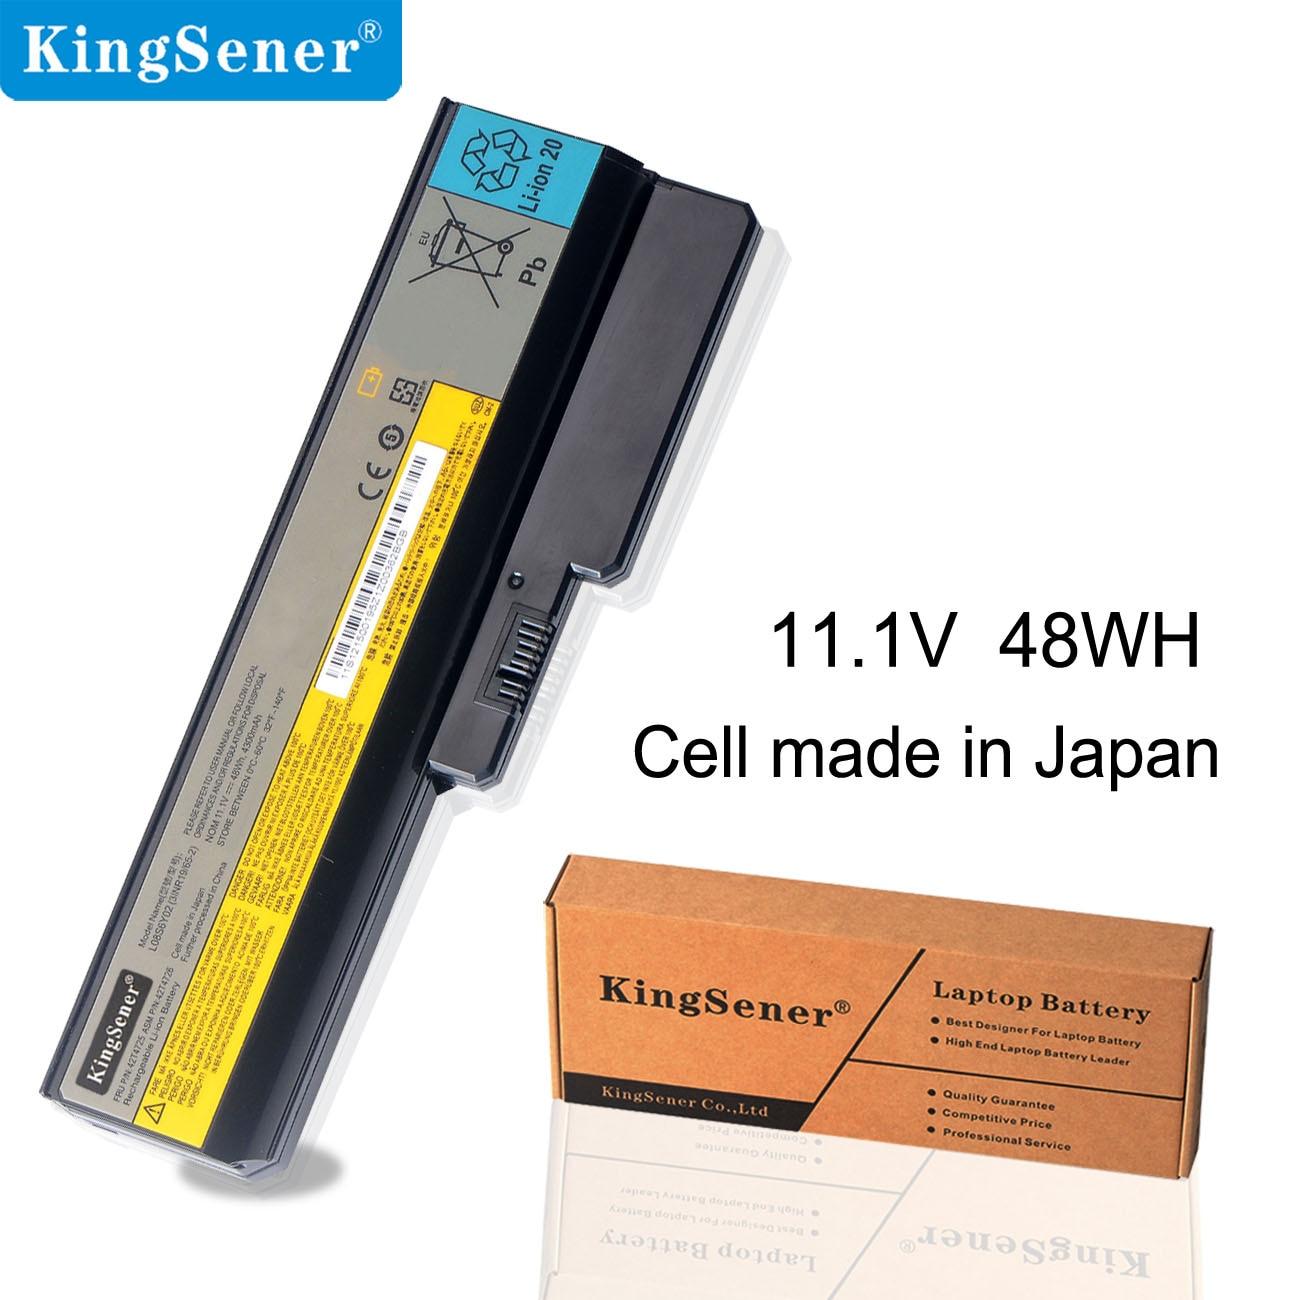 KingSener L08S6Y02 Laptop Battery For Lenovo 3000 G430 G450 G530 G550 N500 Z360 B460 B550 V460 V450 G455 G555 G450M L08L6Y02